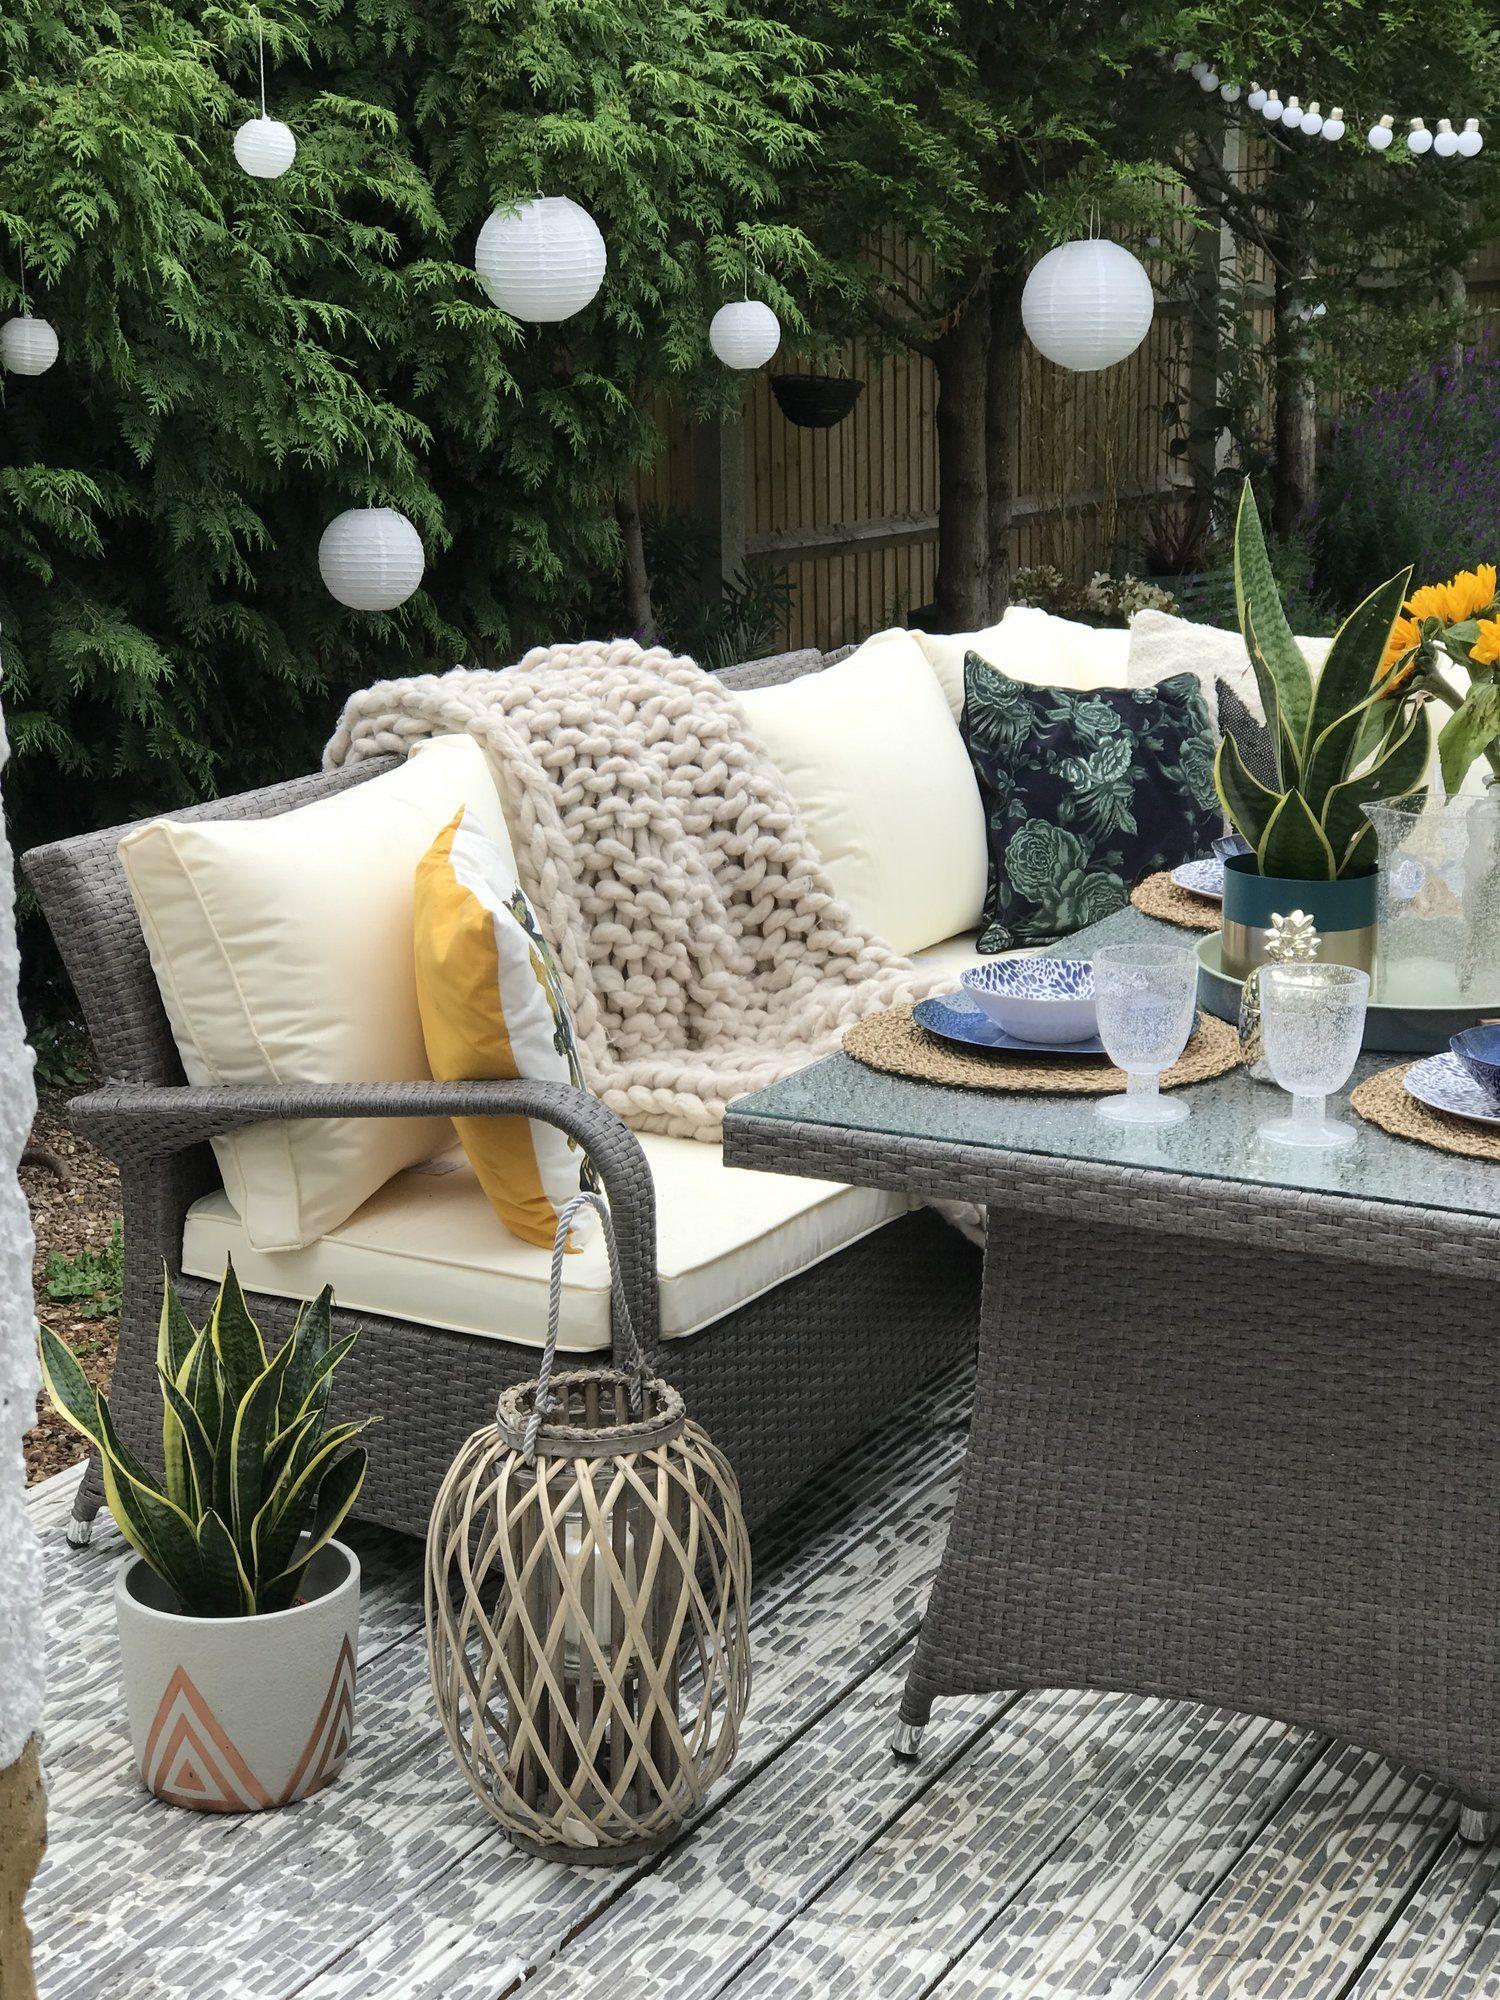 A Little Bit Of Garden Luxury With Argos Home* Argos